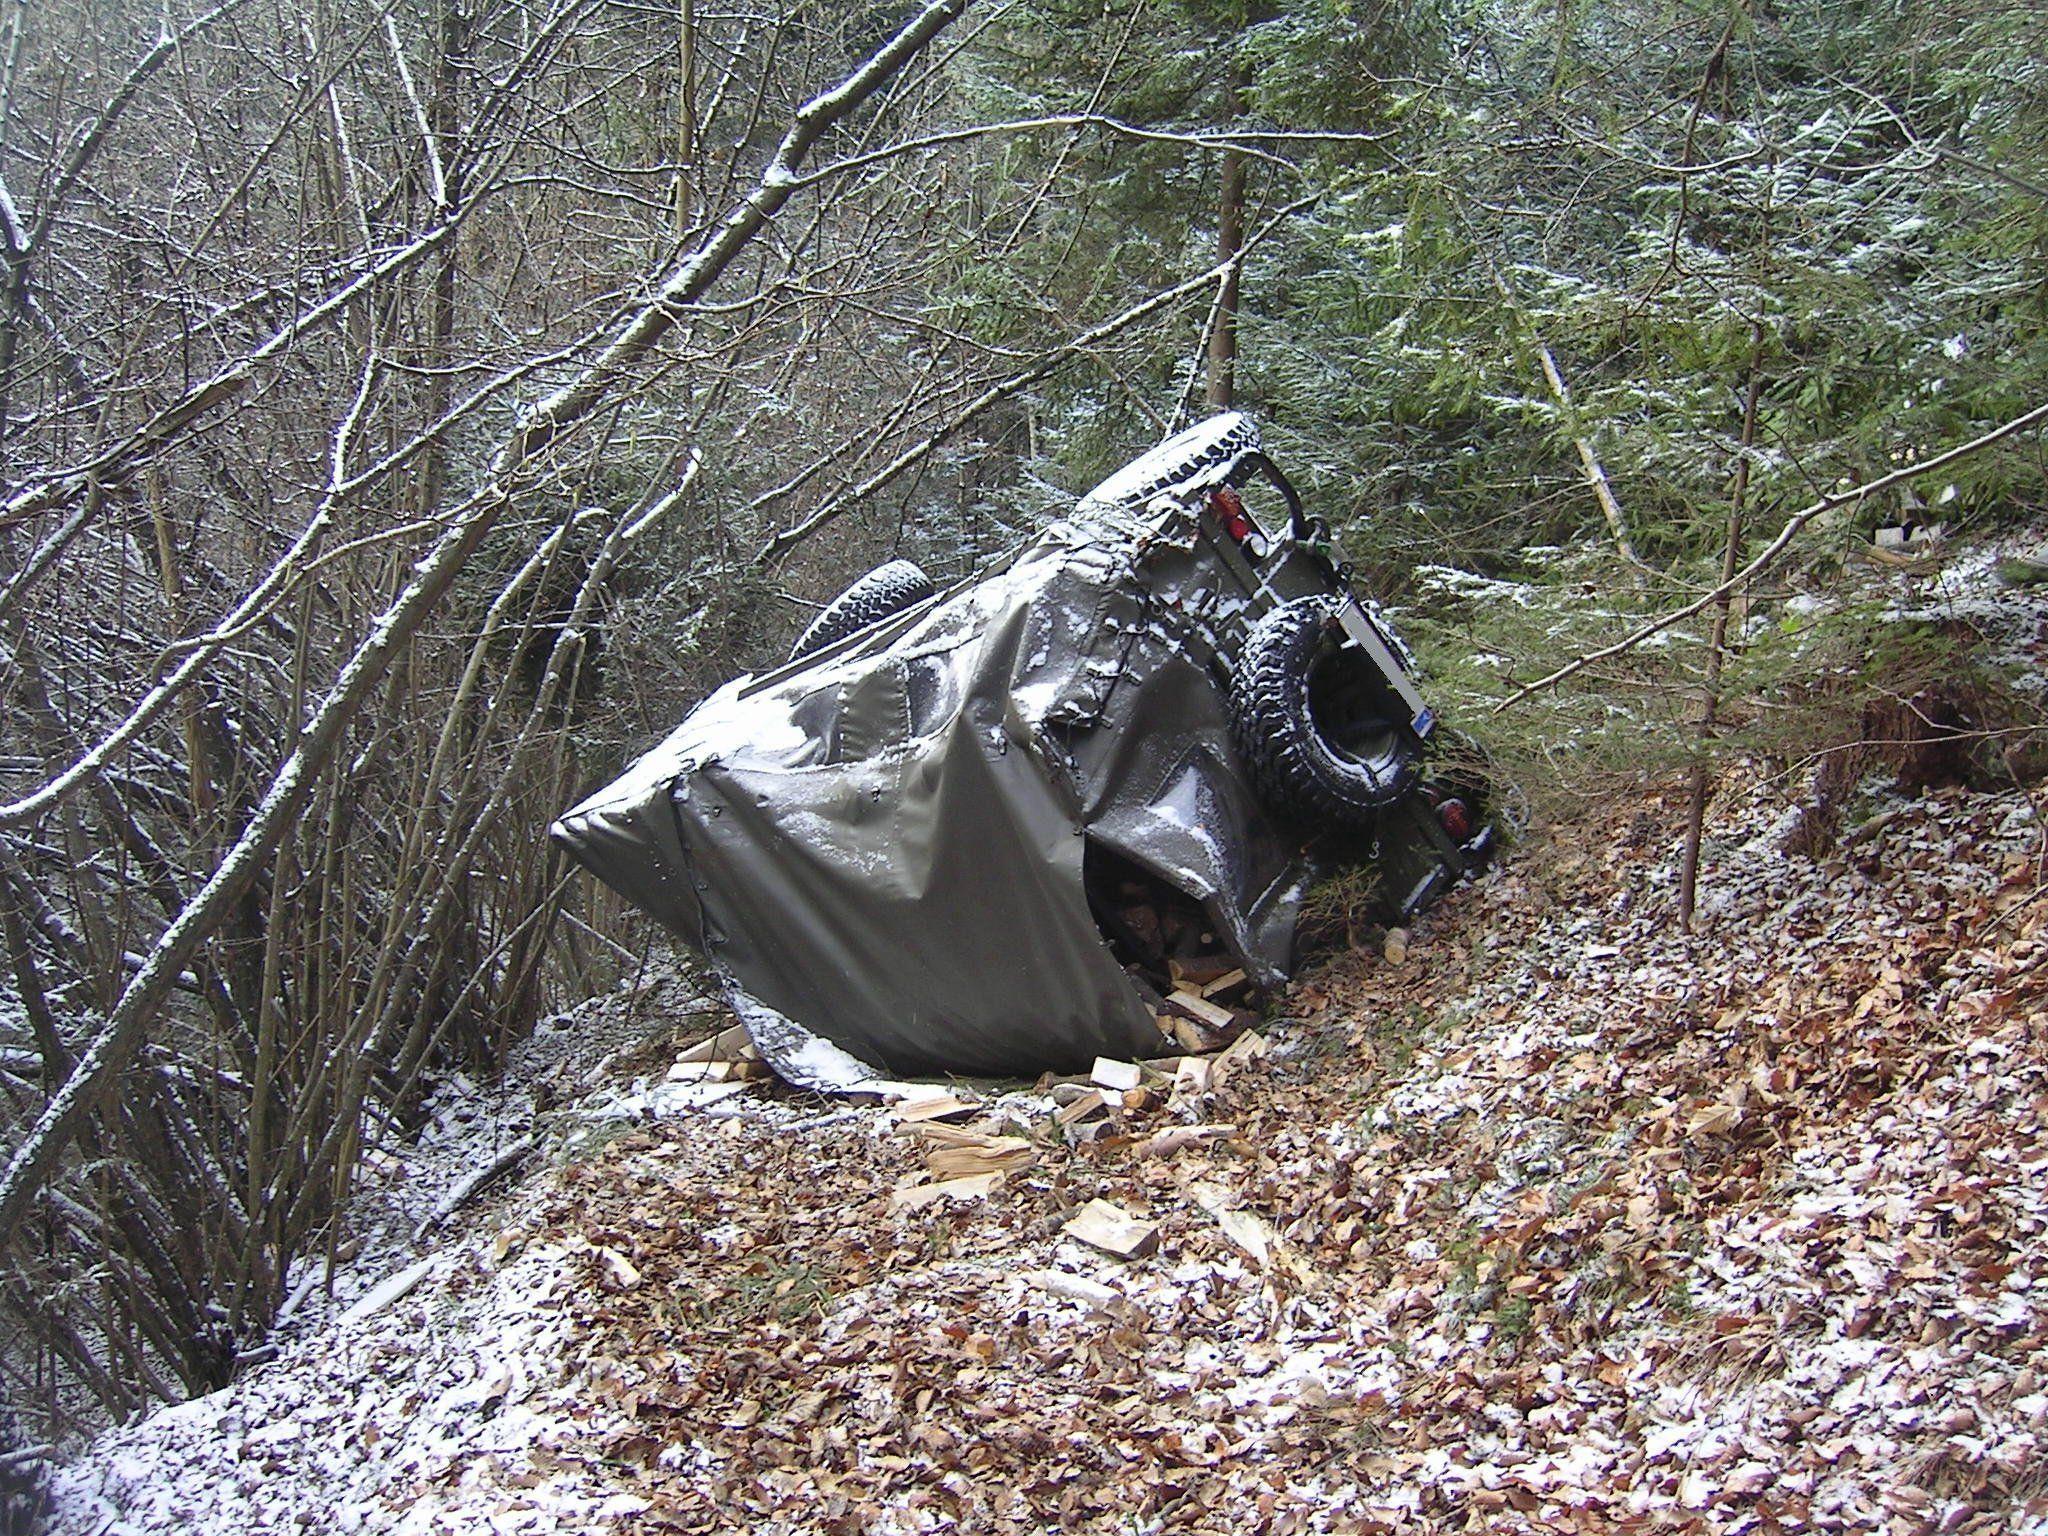 Gefährlicher Absturz, viel Glück im Unglück für den Fahrer